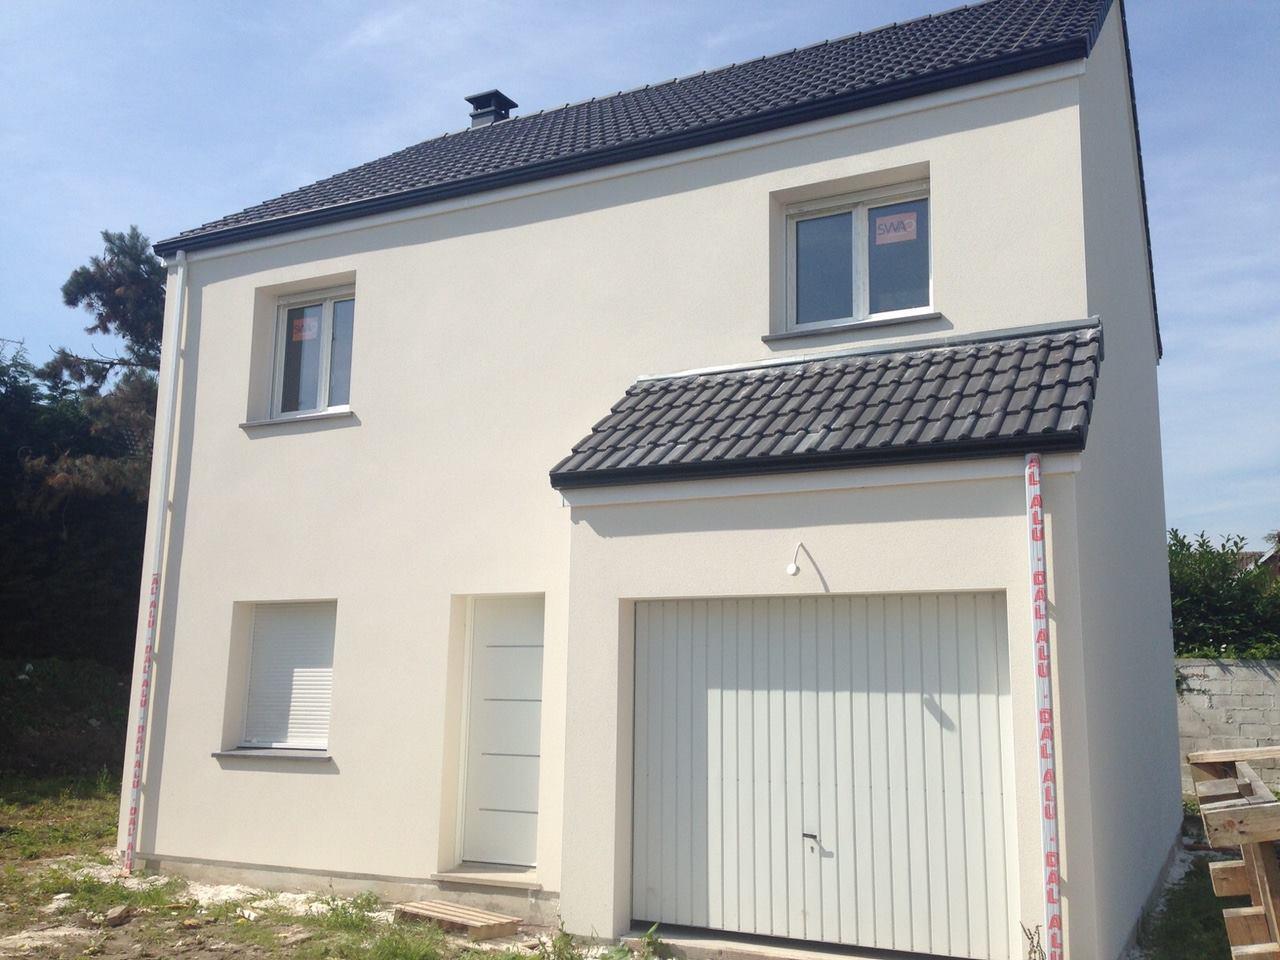 Maisons + Terrains du constructeur HABITAT CONCEPT DOUAI • 86 m² • GUESNAIN